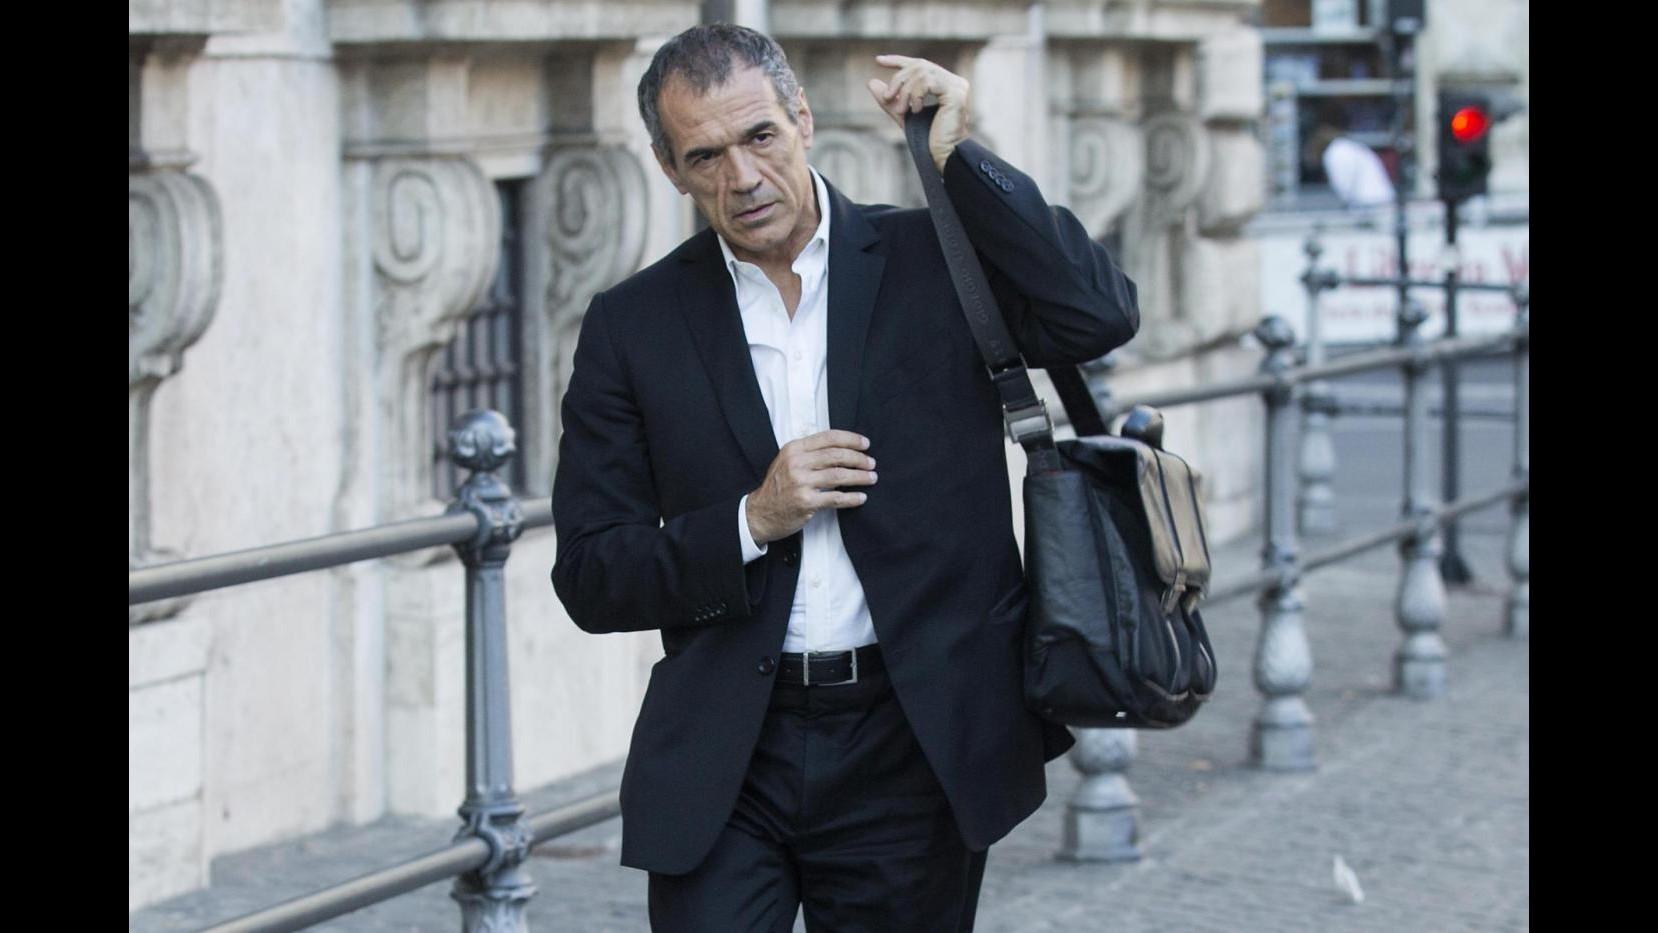 Pensioni, Cottarelli: Spesa al 16,5% Pil, allinearla a contributi